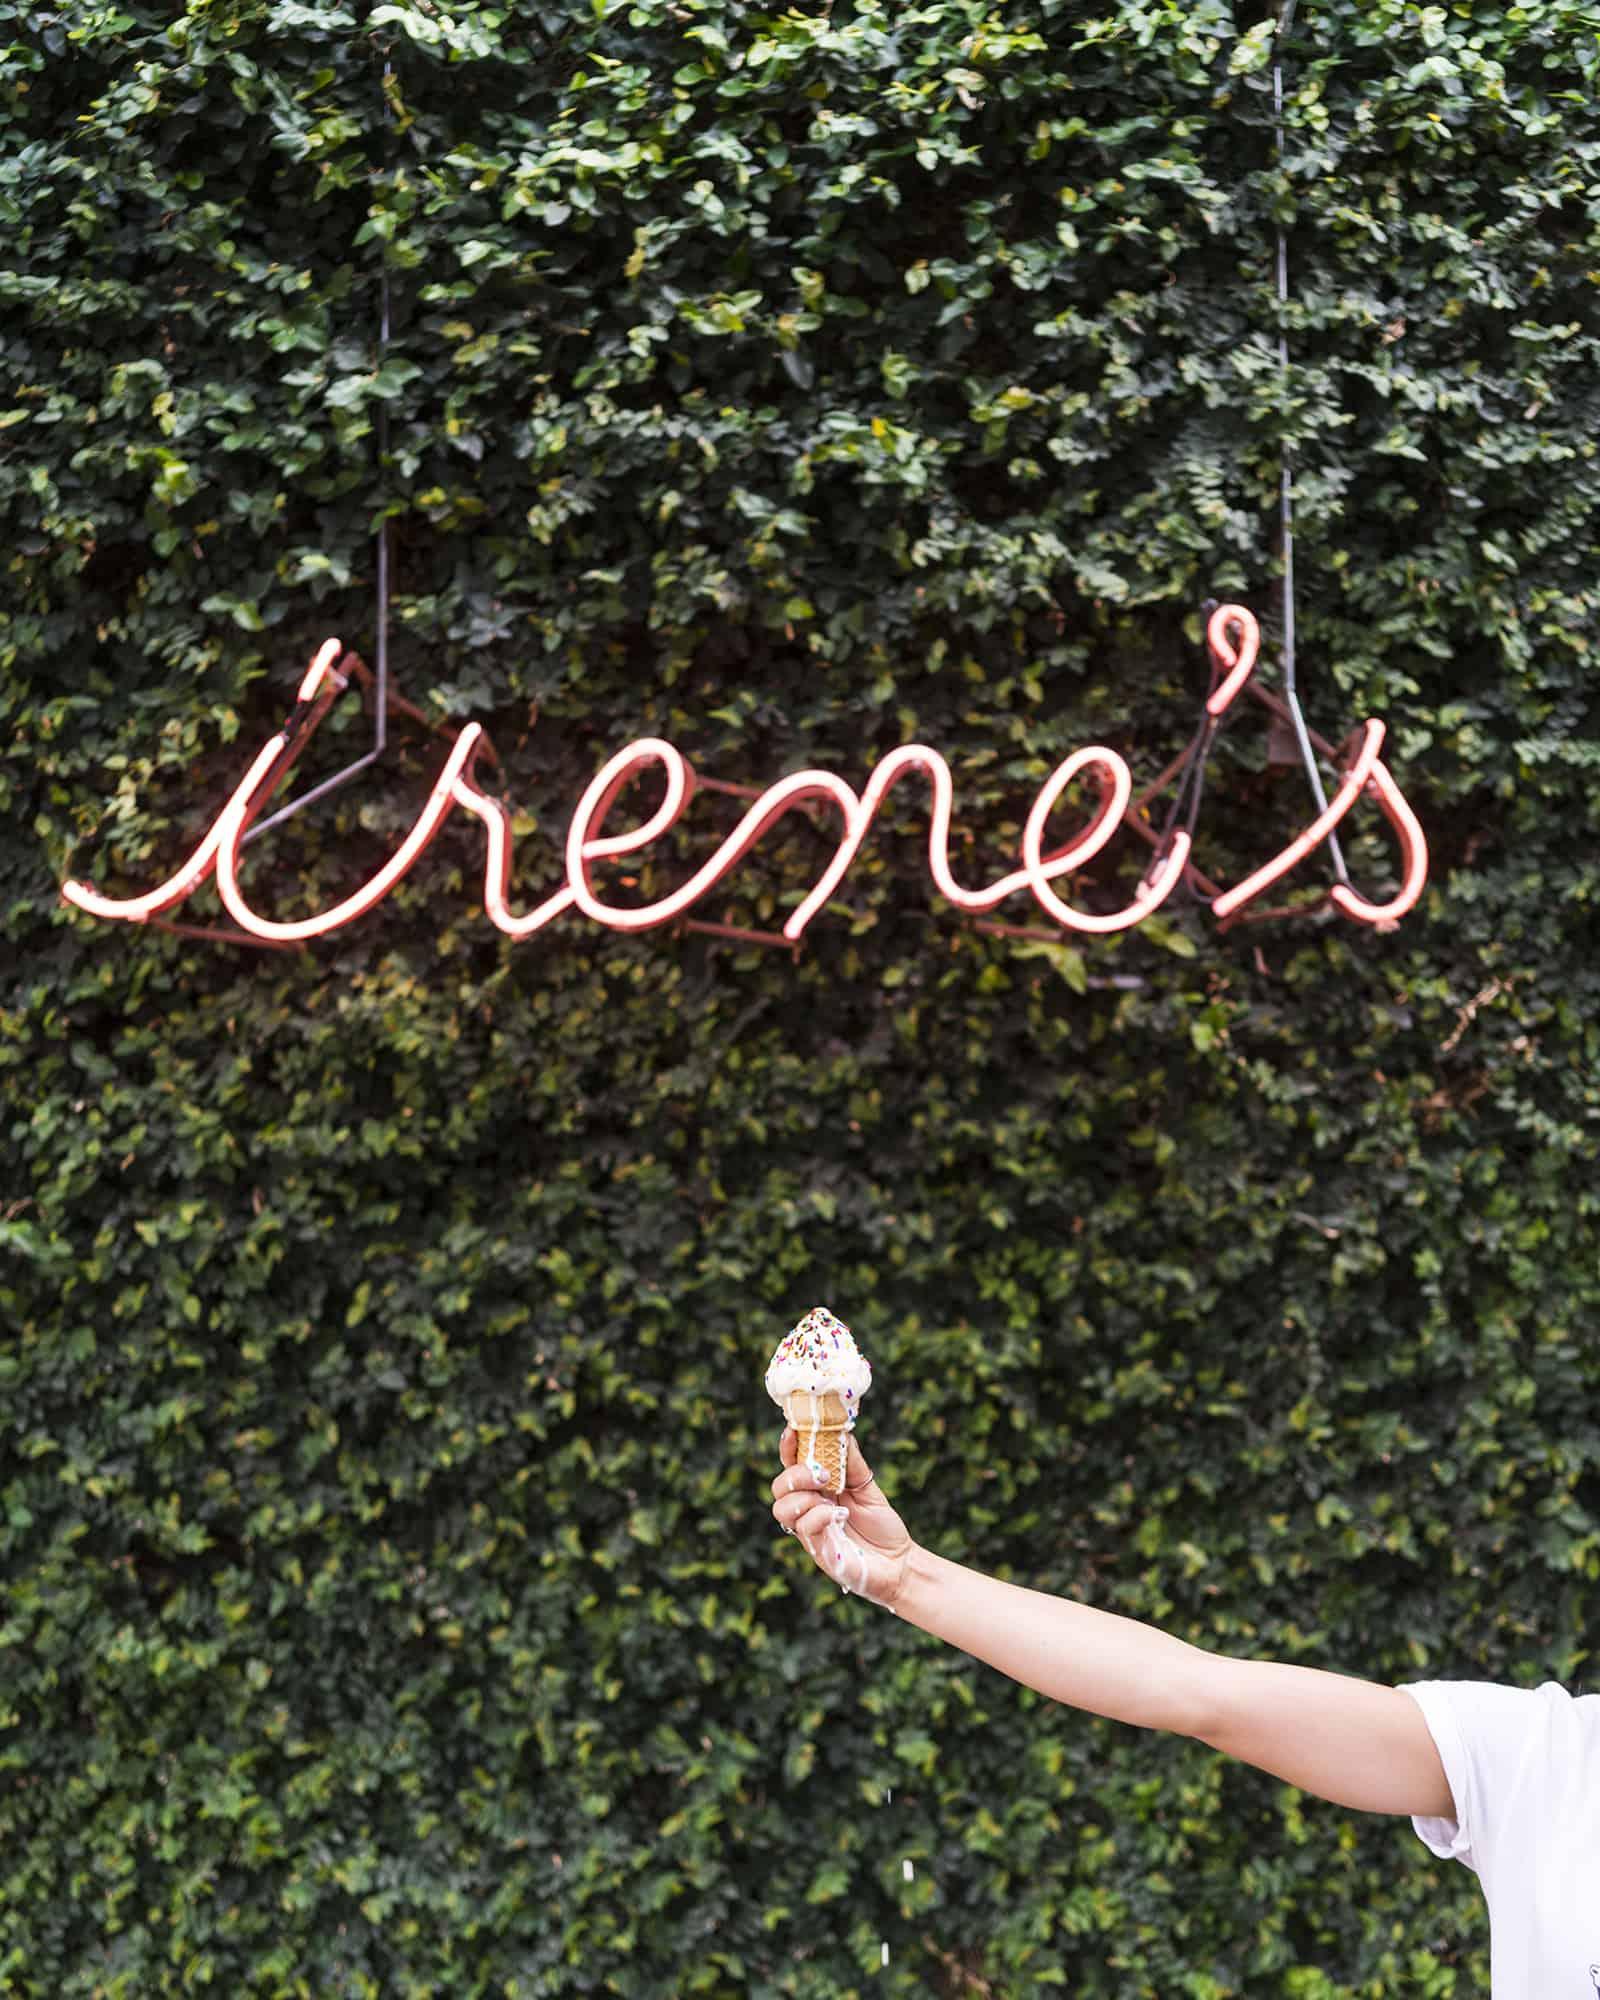 Irene's Soft Serve